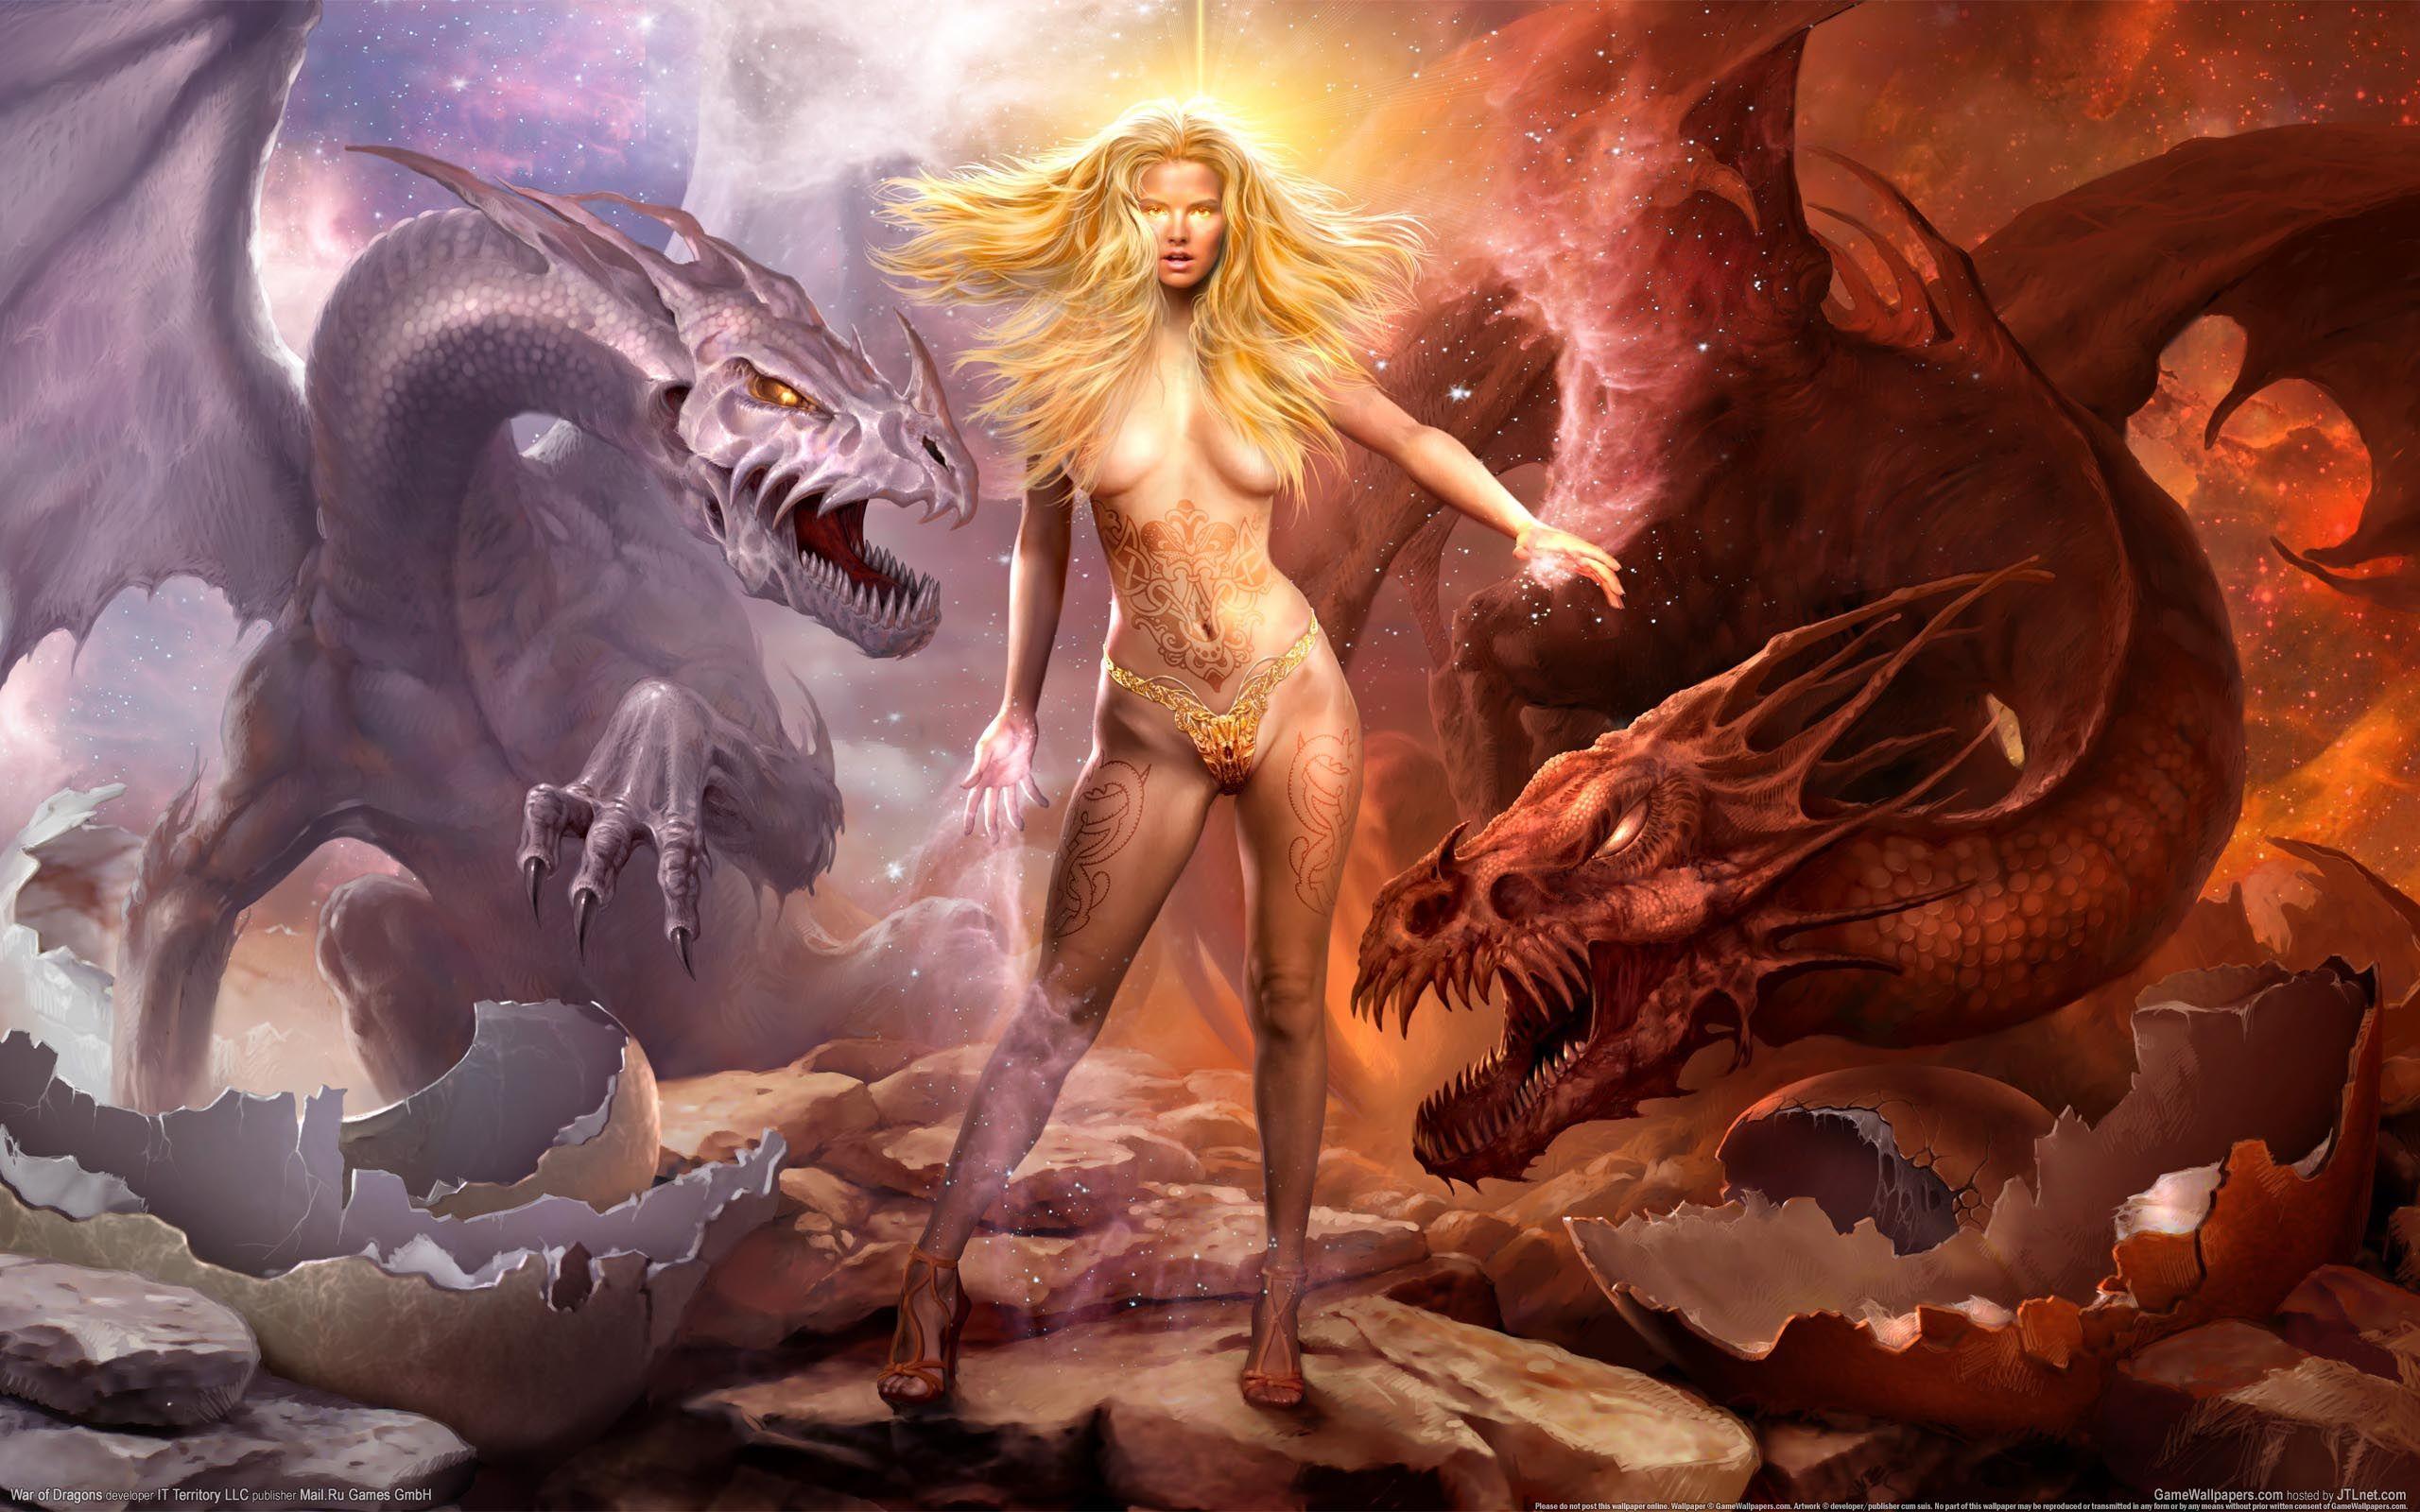 Nude fantasy beauty pornos pics